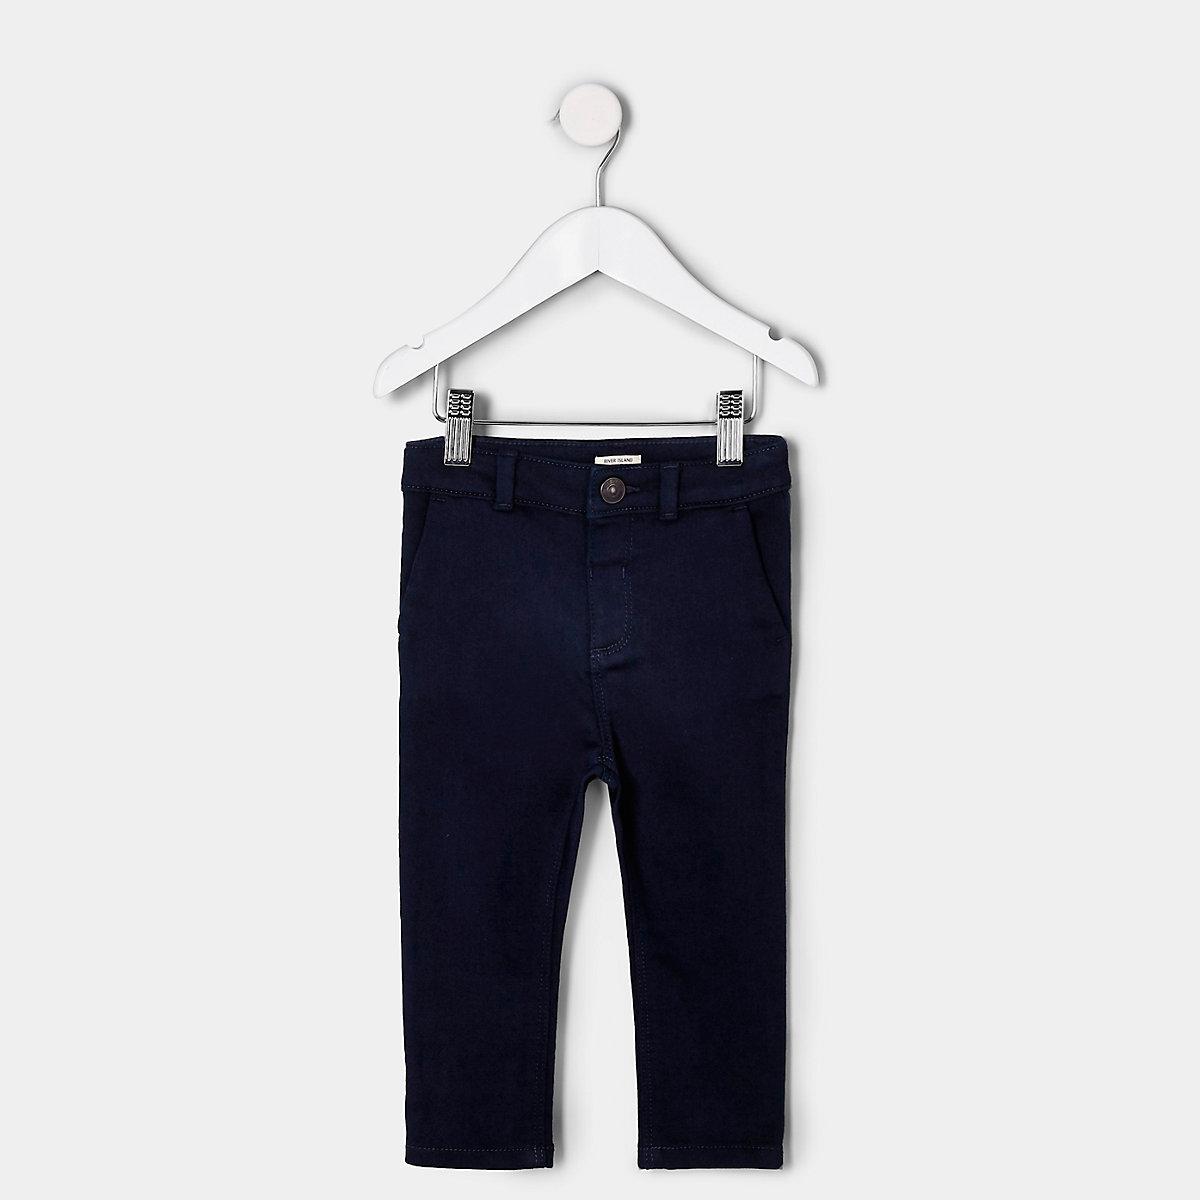 Mini boys navy smart pants